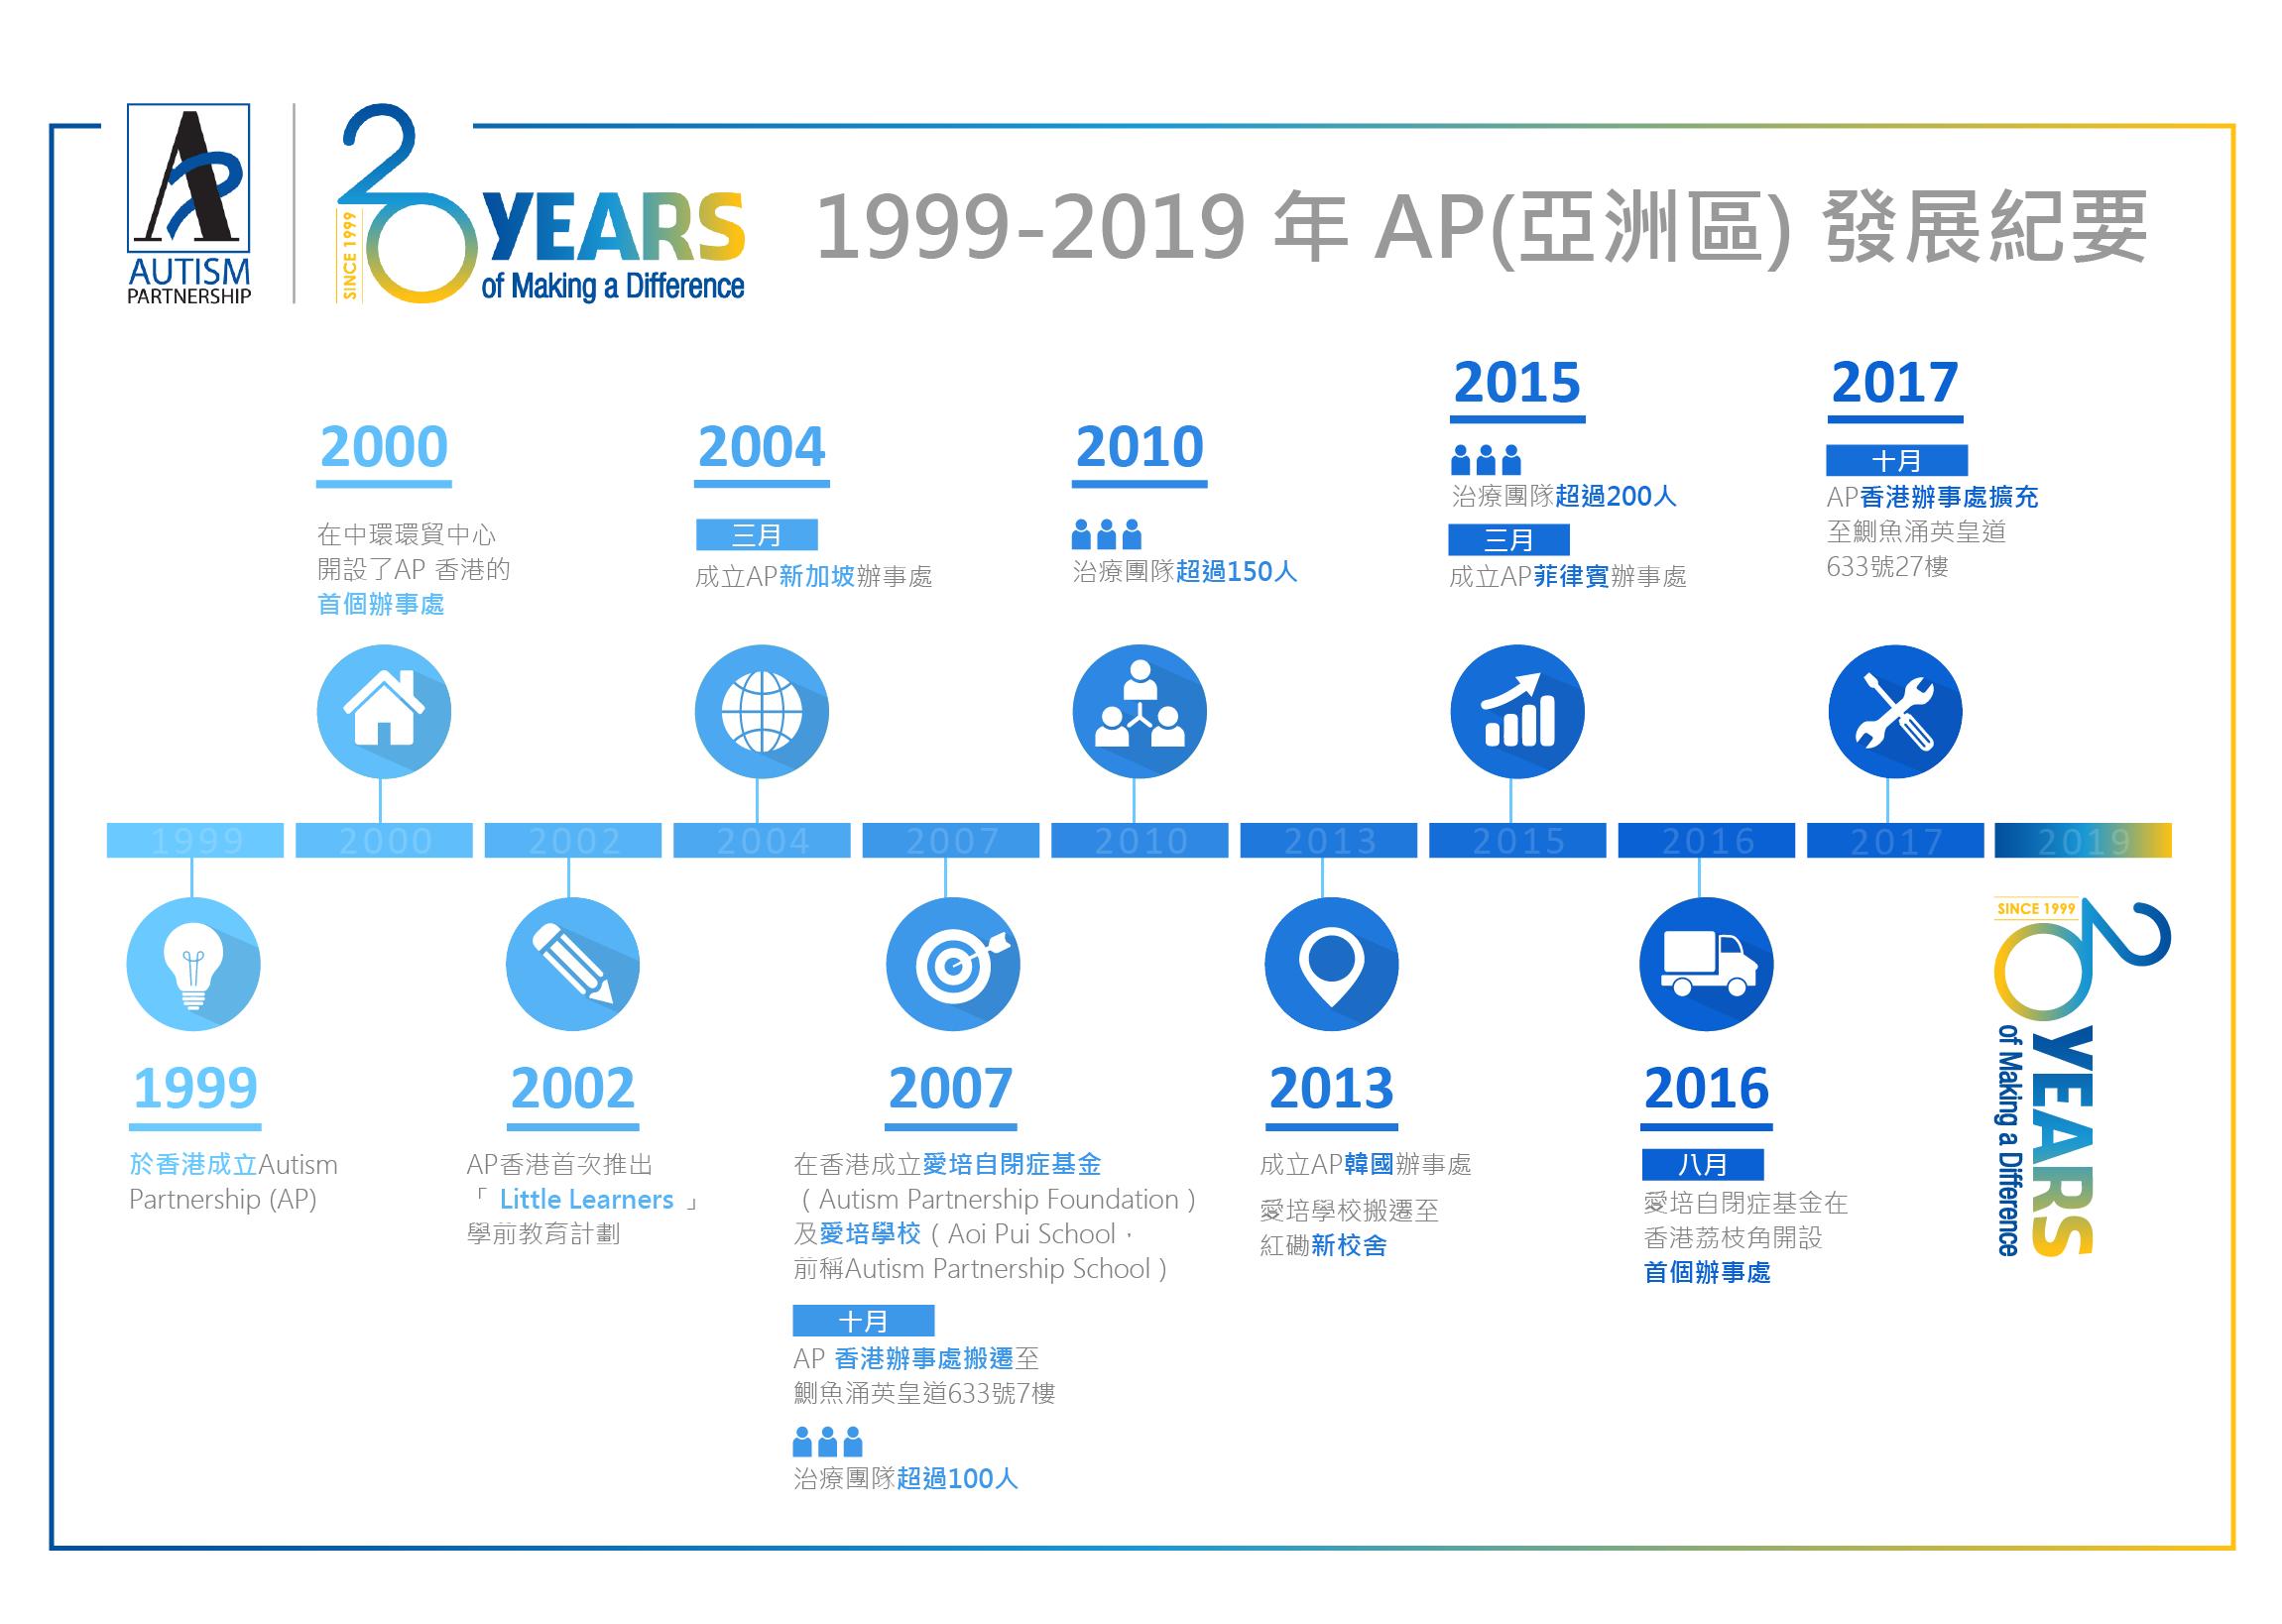 1999-2019 年 AP (亞洲區) 發展紀要